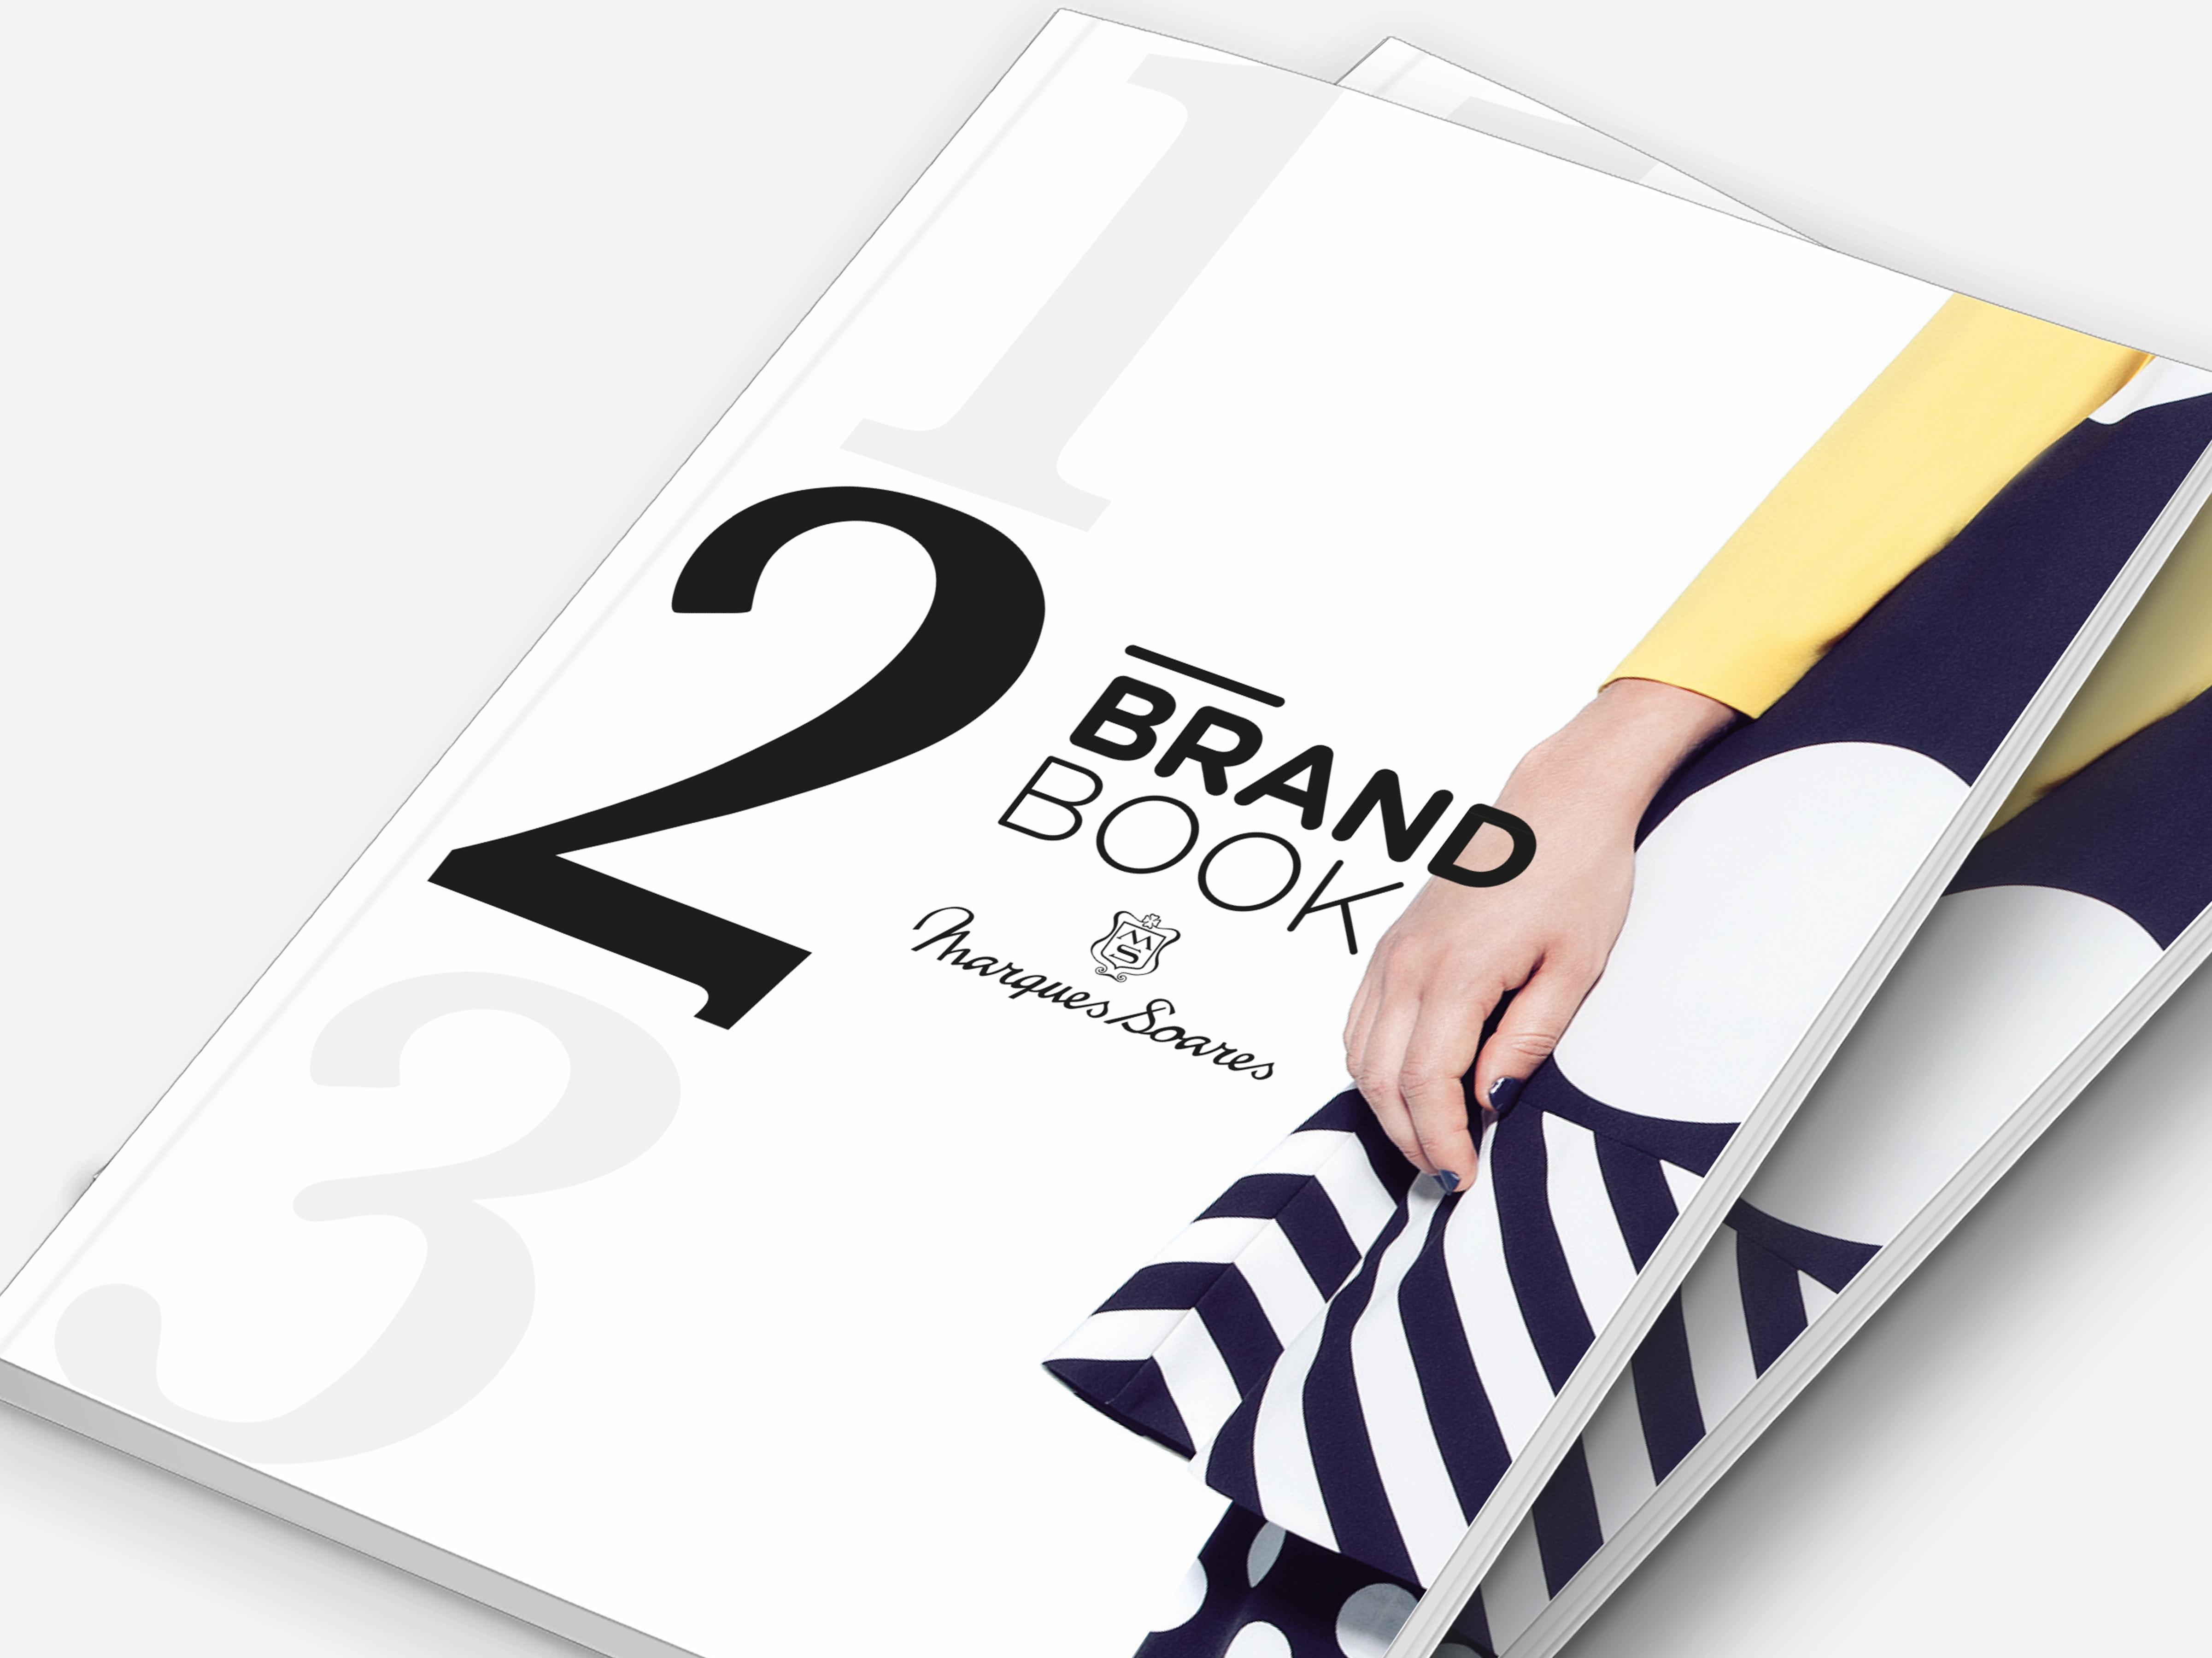 Marques Soares - Brandbook